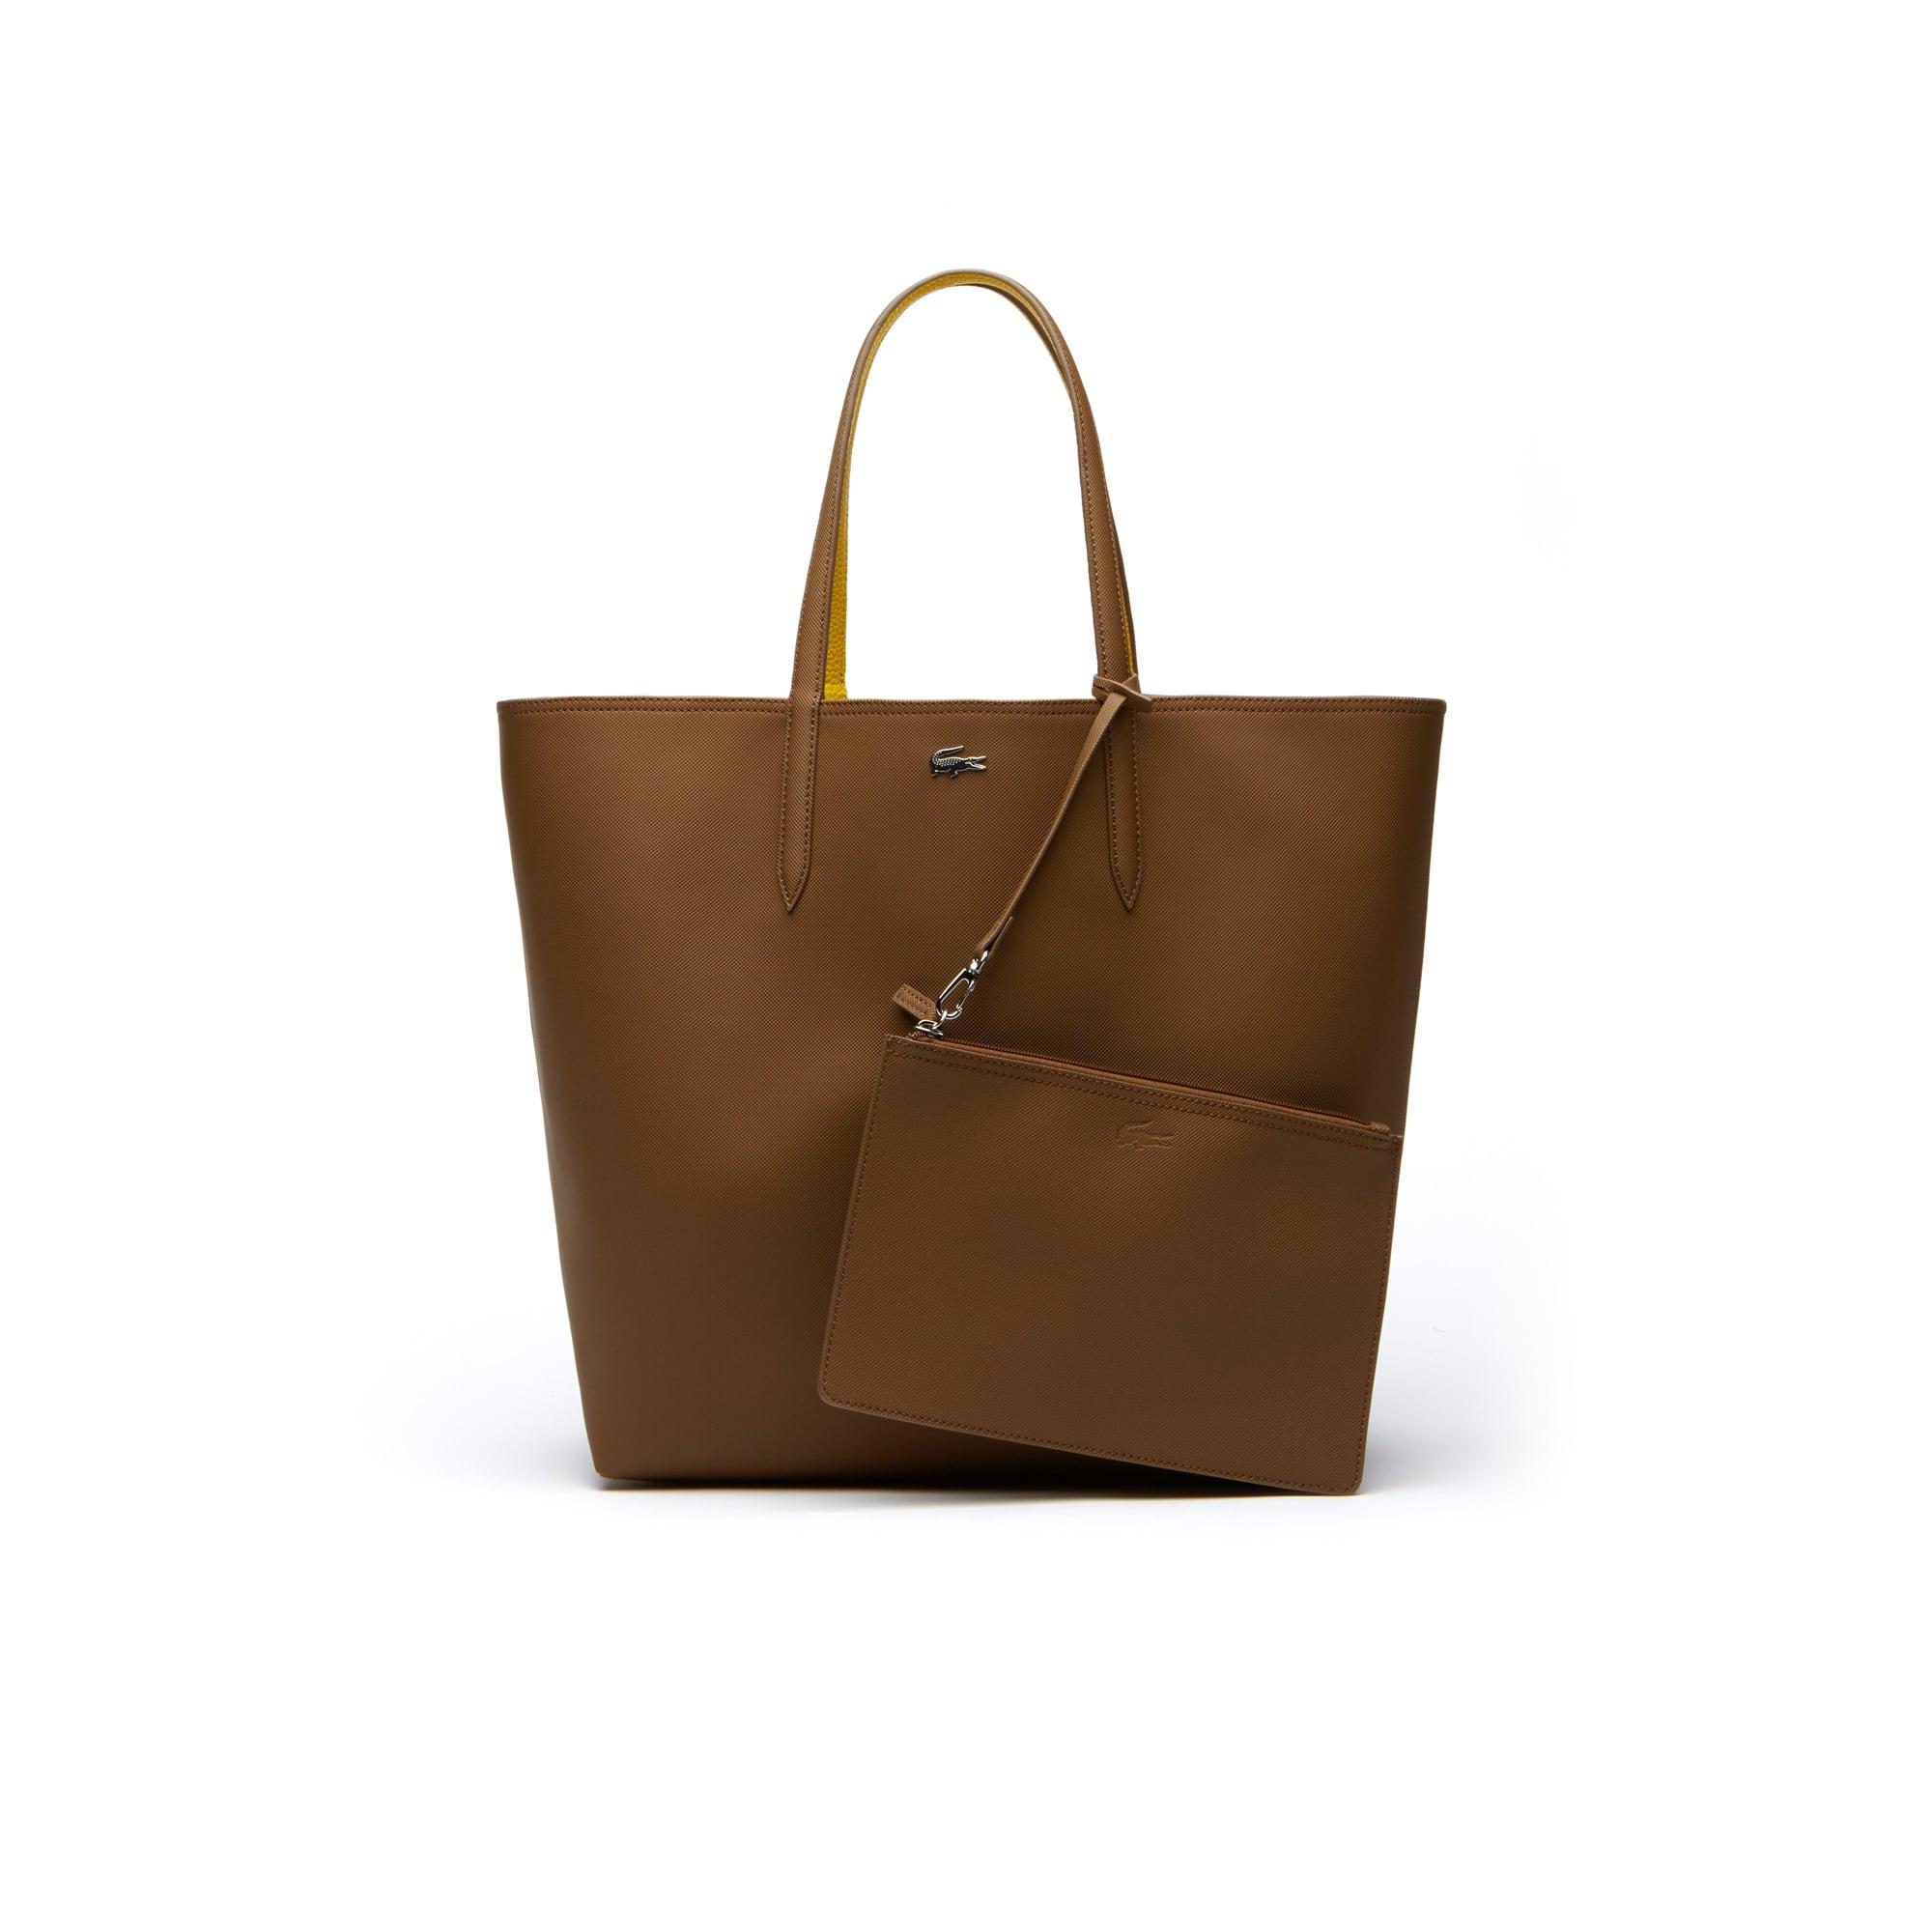 4d0d8c193 Coleção de Bolsas e Bolsas de Mão | Leather Goods Femininos | LACOSTE